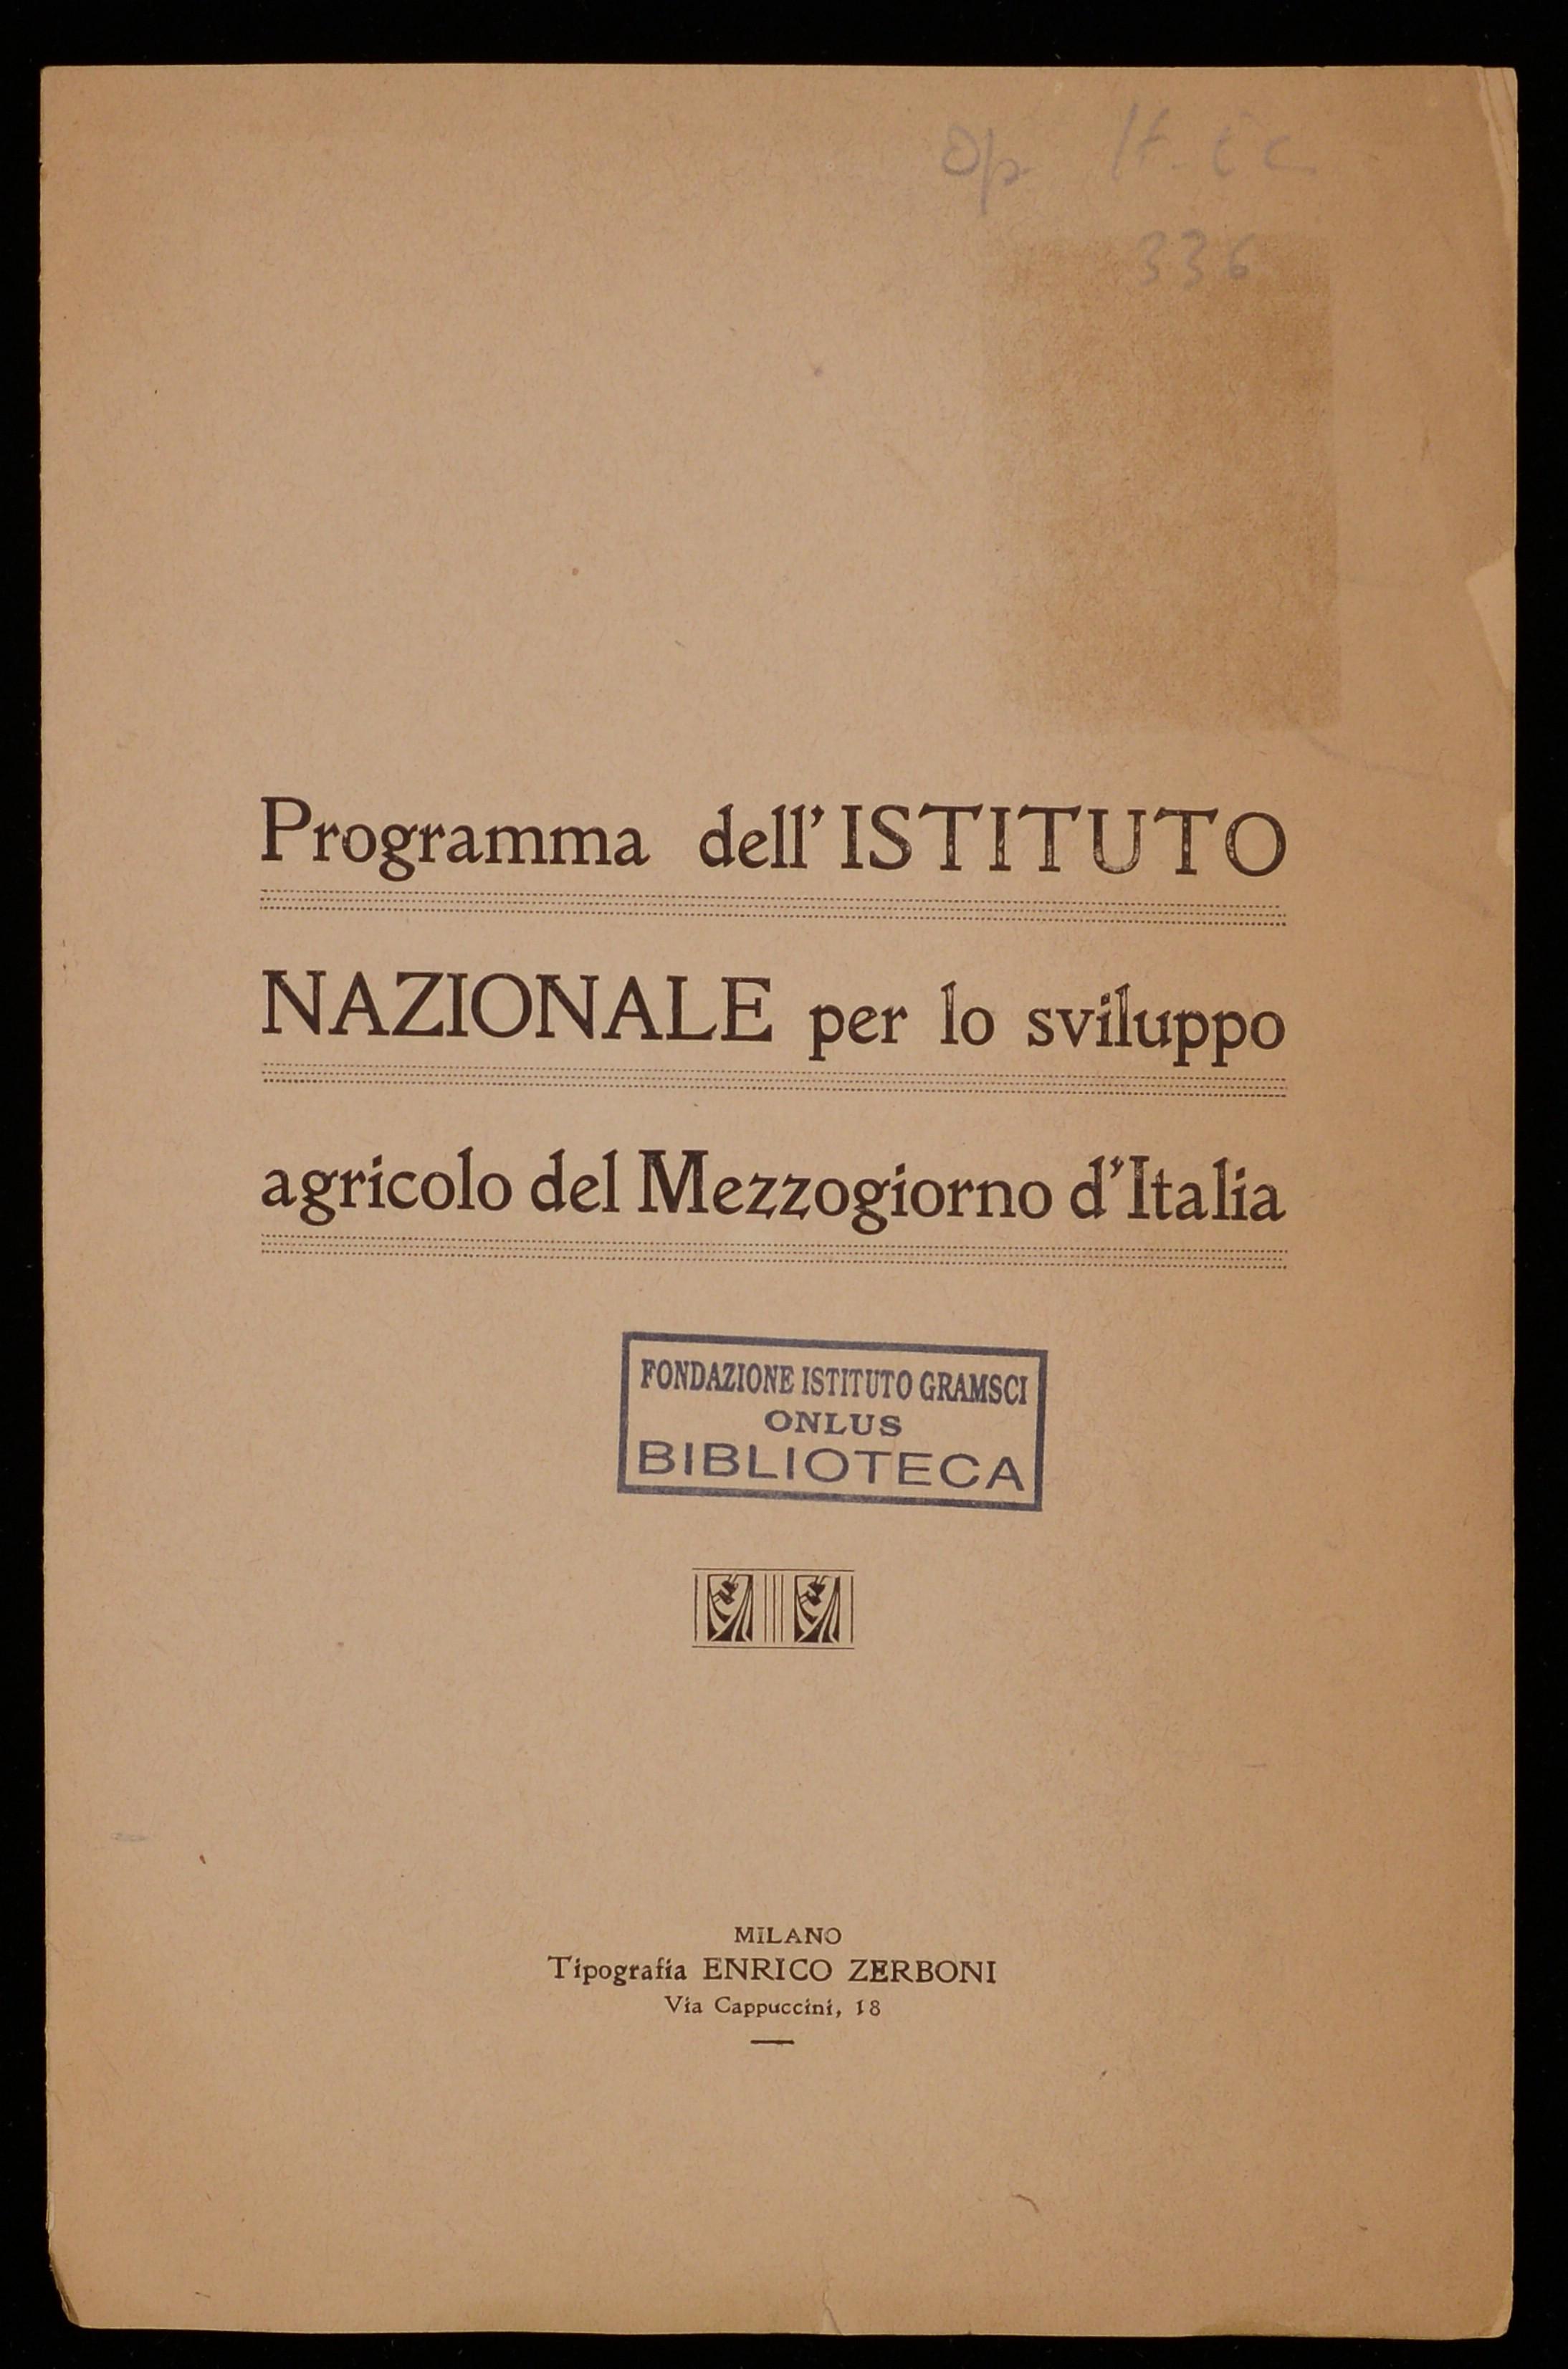 Programma dell'Istituto Nazionale per lo sviluppo agricolo del Mezzogiorno d'Italia